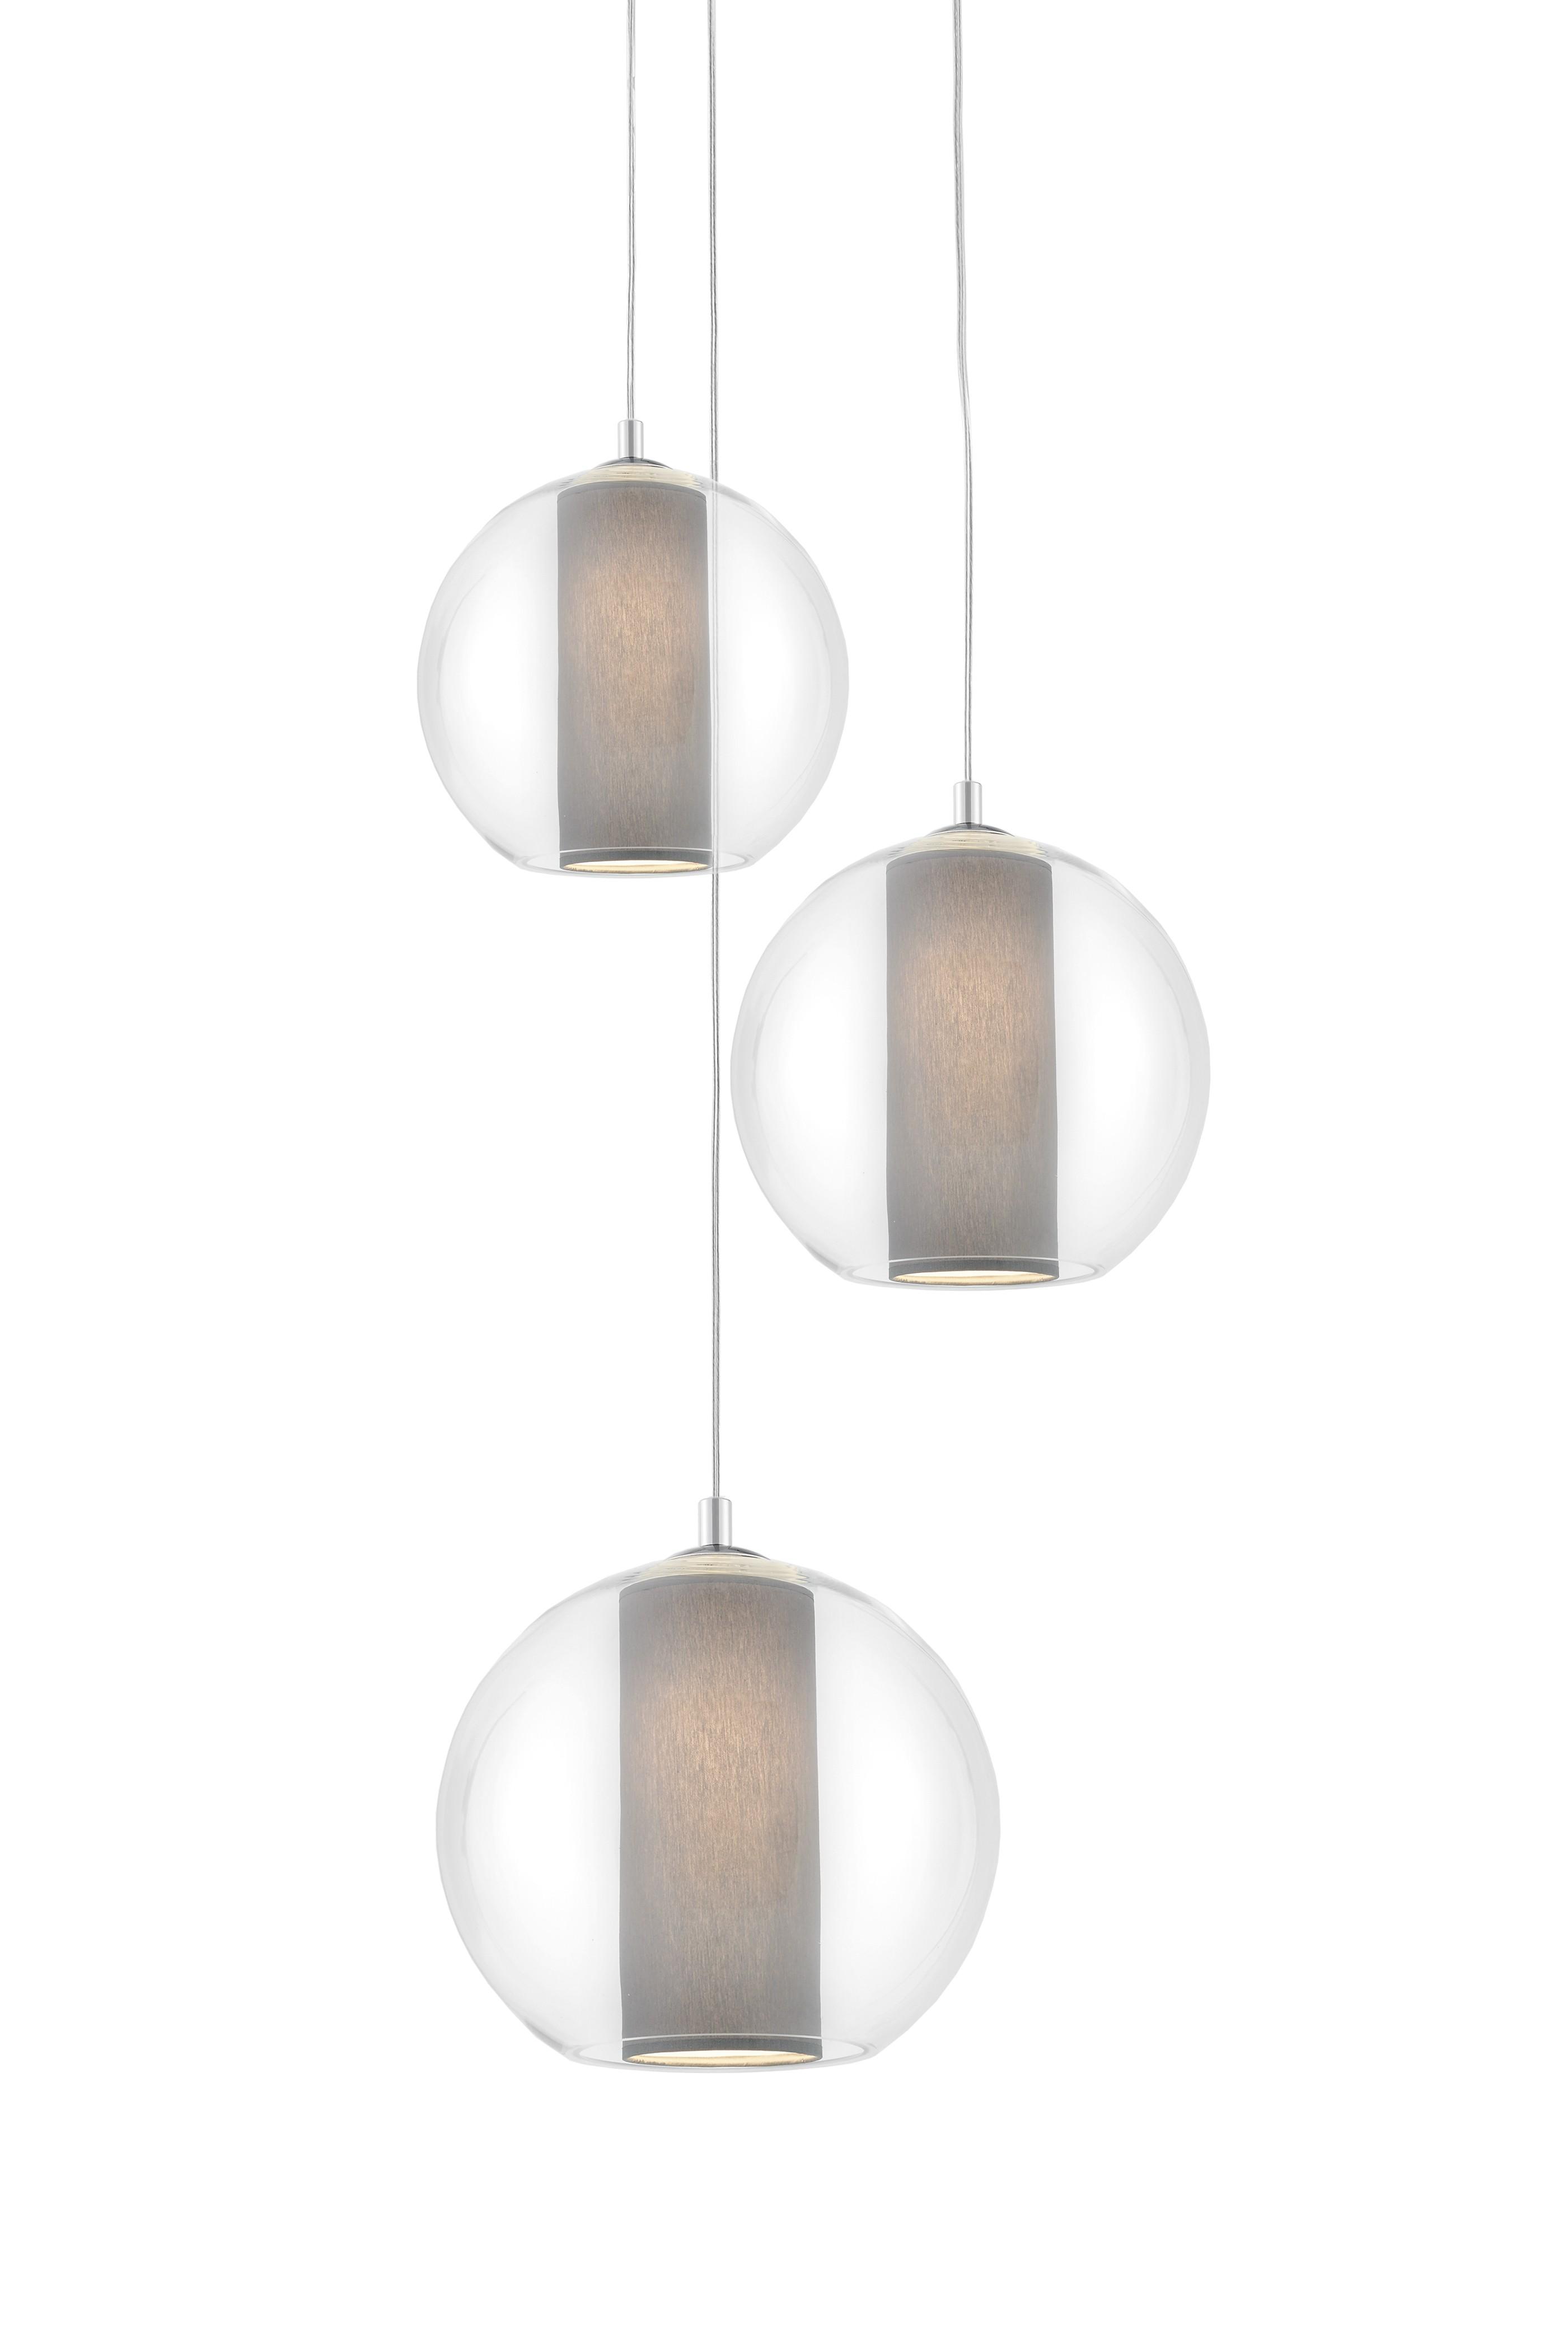 Sufitowa lampa wisząca Merida Plafon 3 szary abażur w